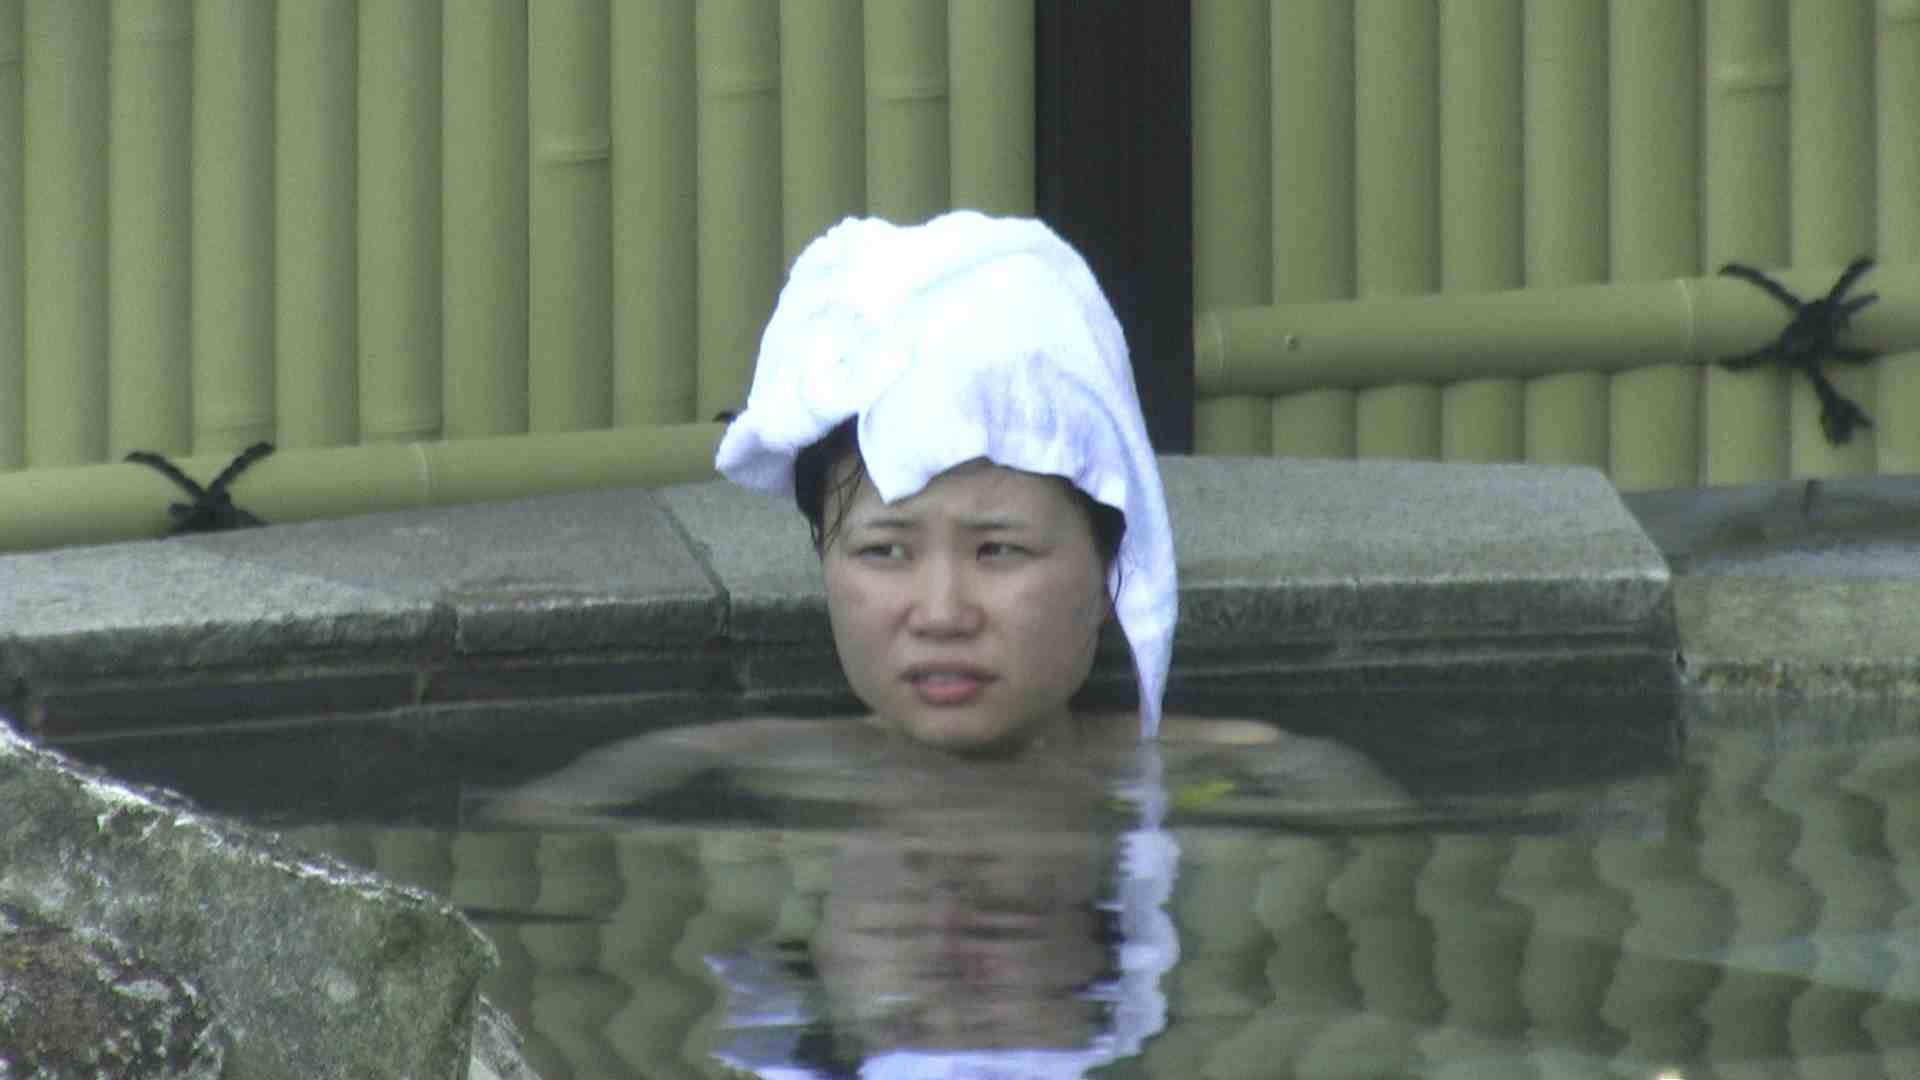 Aquaな露天風呂Vol.183 HなOL 盗撮動画紹介 106pic 17